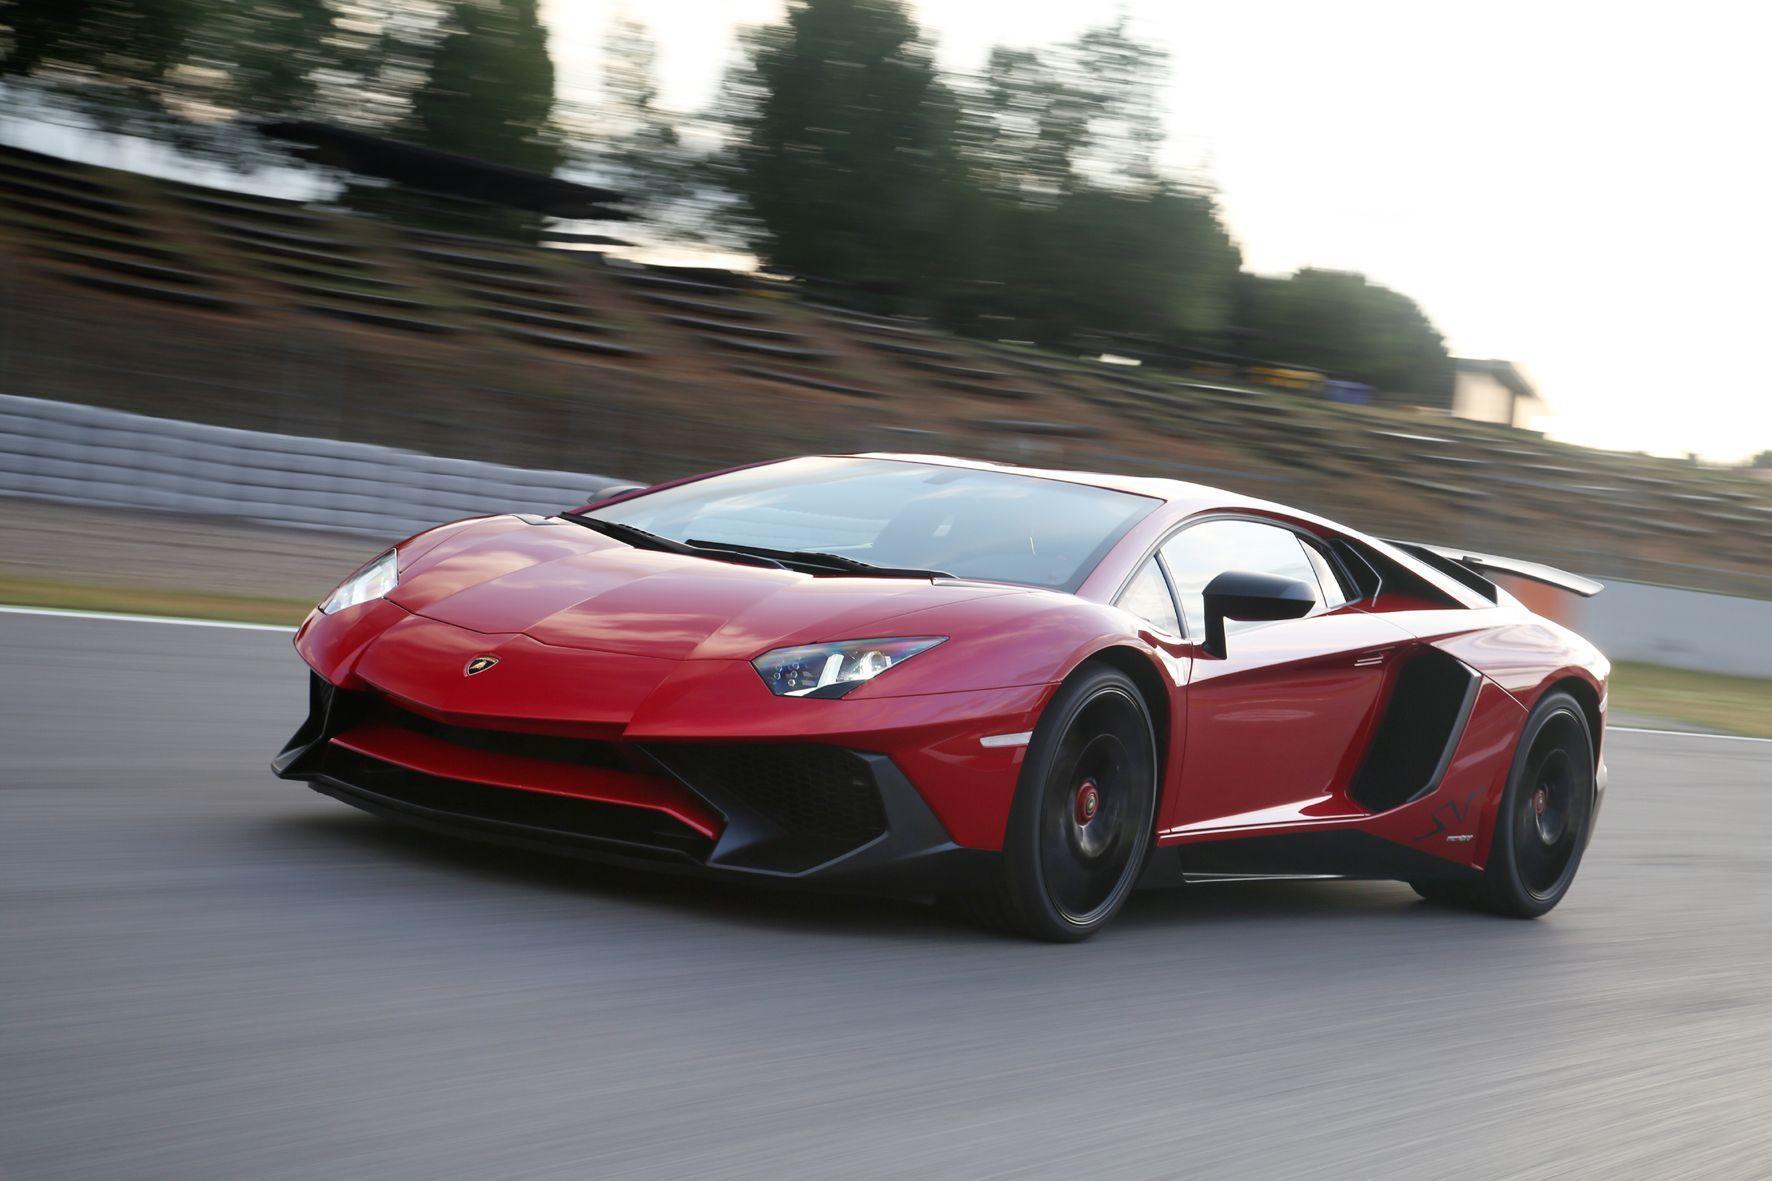 mid Groß-Gerau - Lamborghini ruft den Aventador wegen Brandgefahr in die Werkstätten.